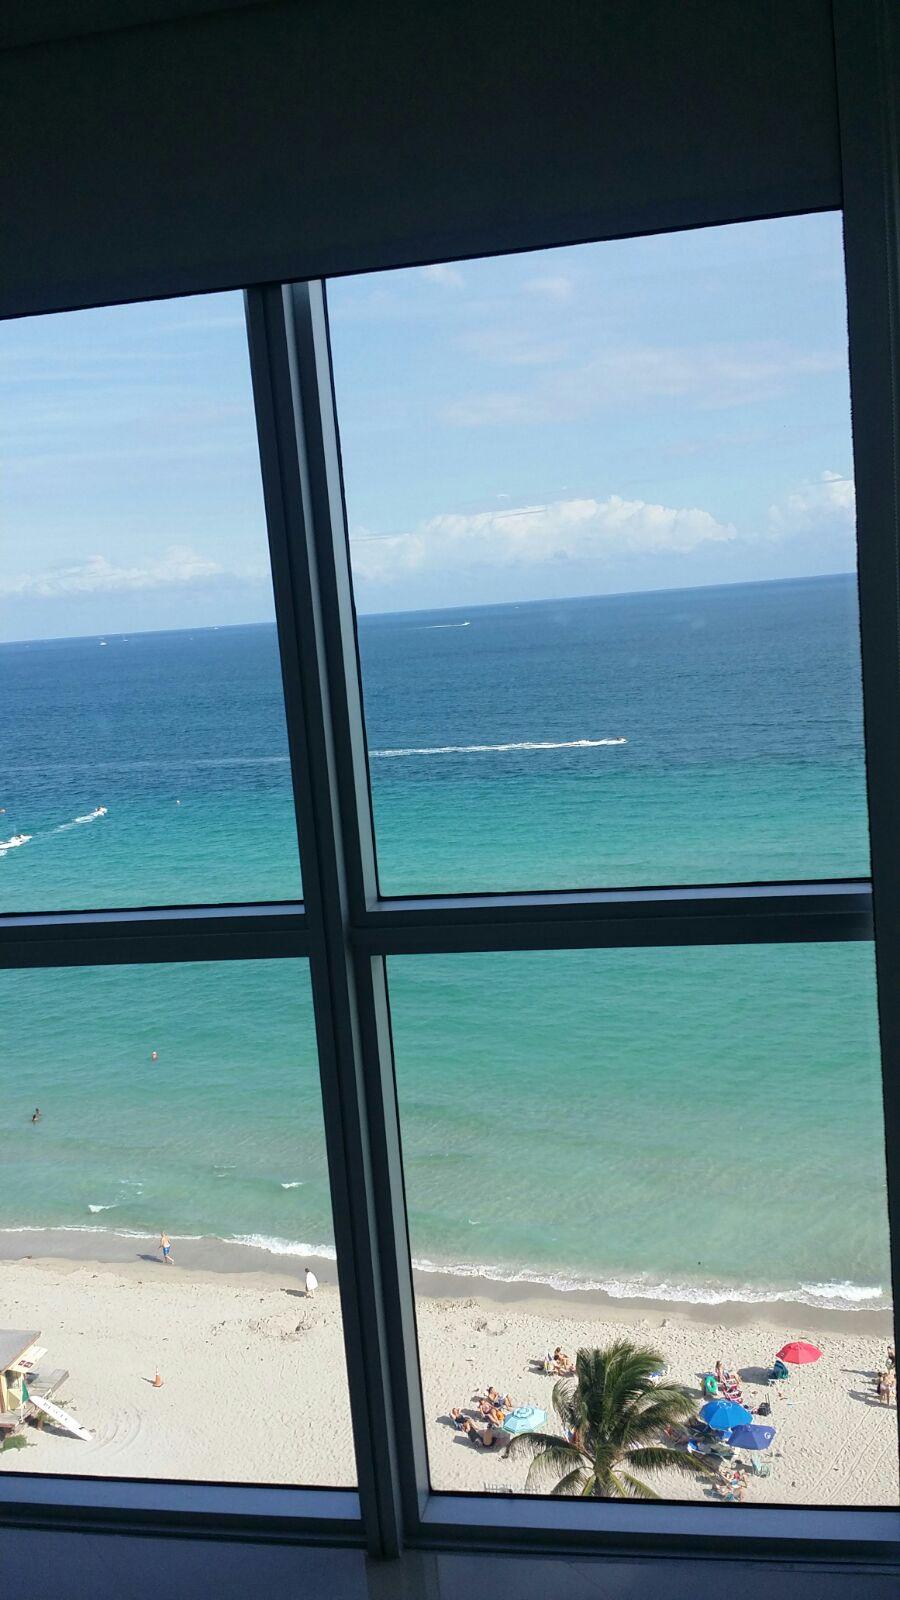 Apartamento 2 Dormitorios / 2 Baños Vista Franca al Mar hasta 7 Pax